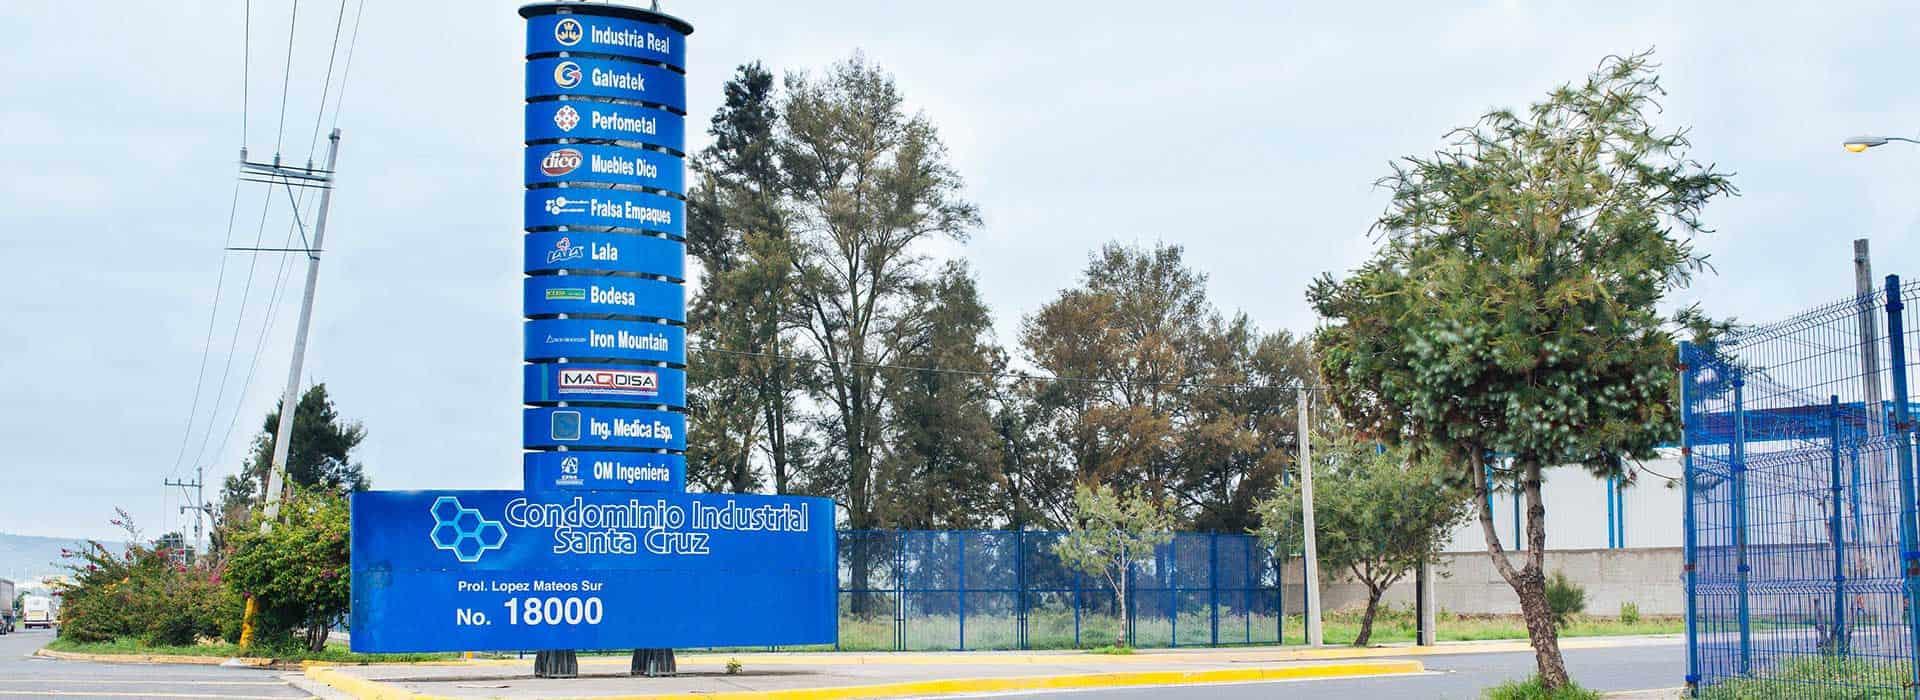 imagen de la fachada de parque industrial condominio industrial santa cruz